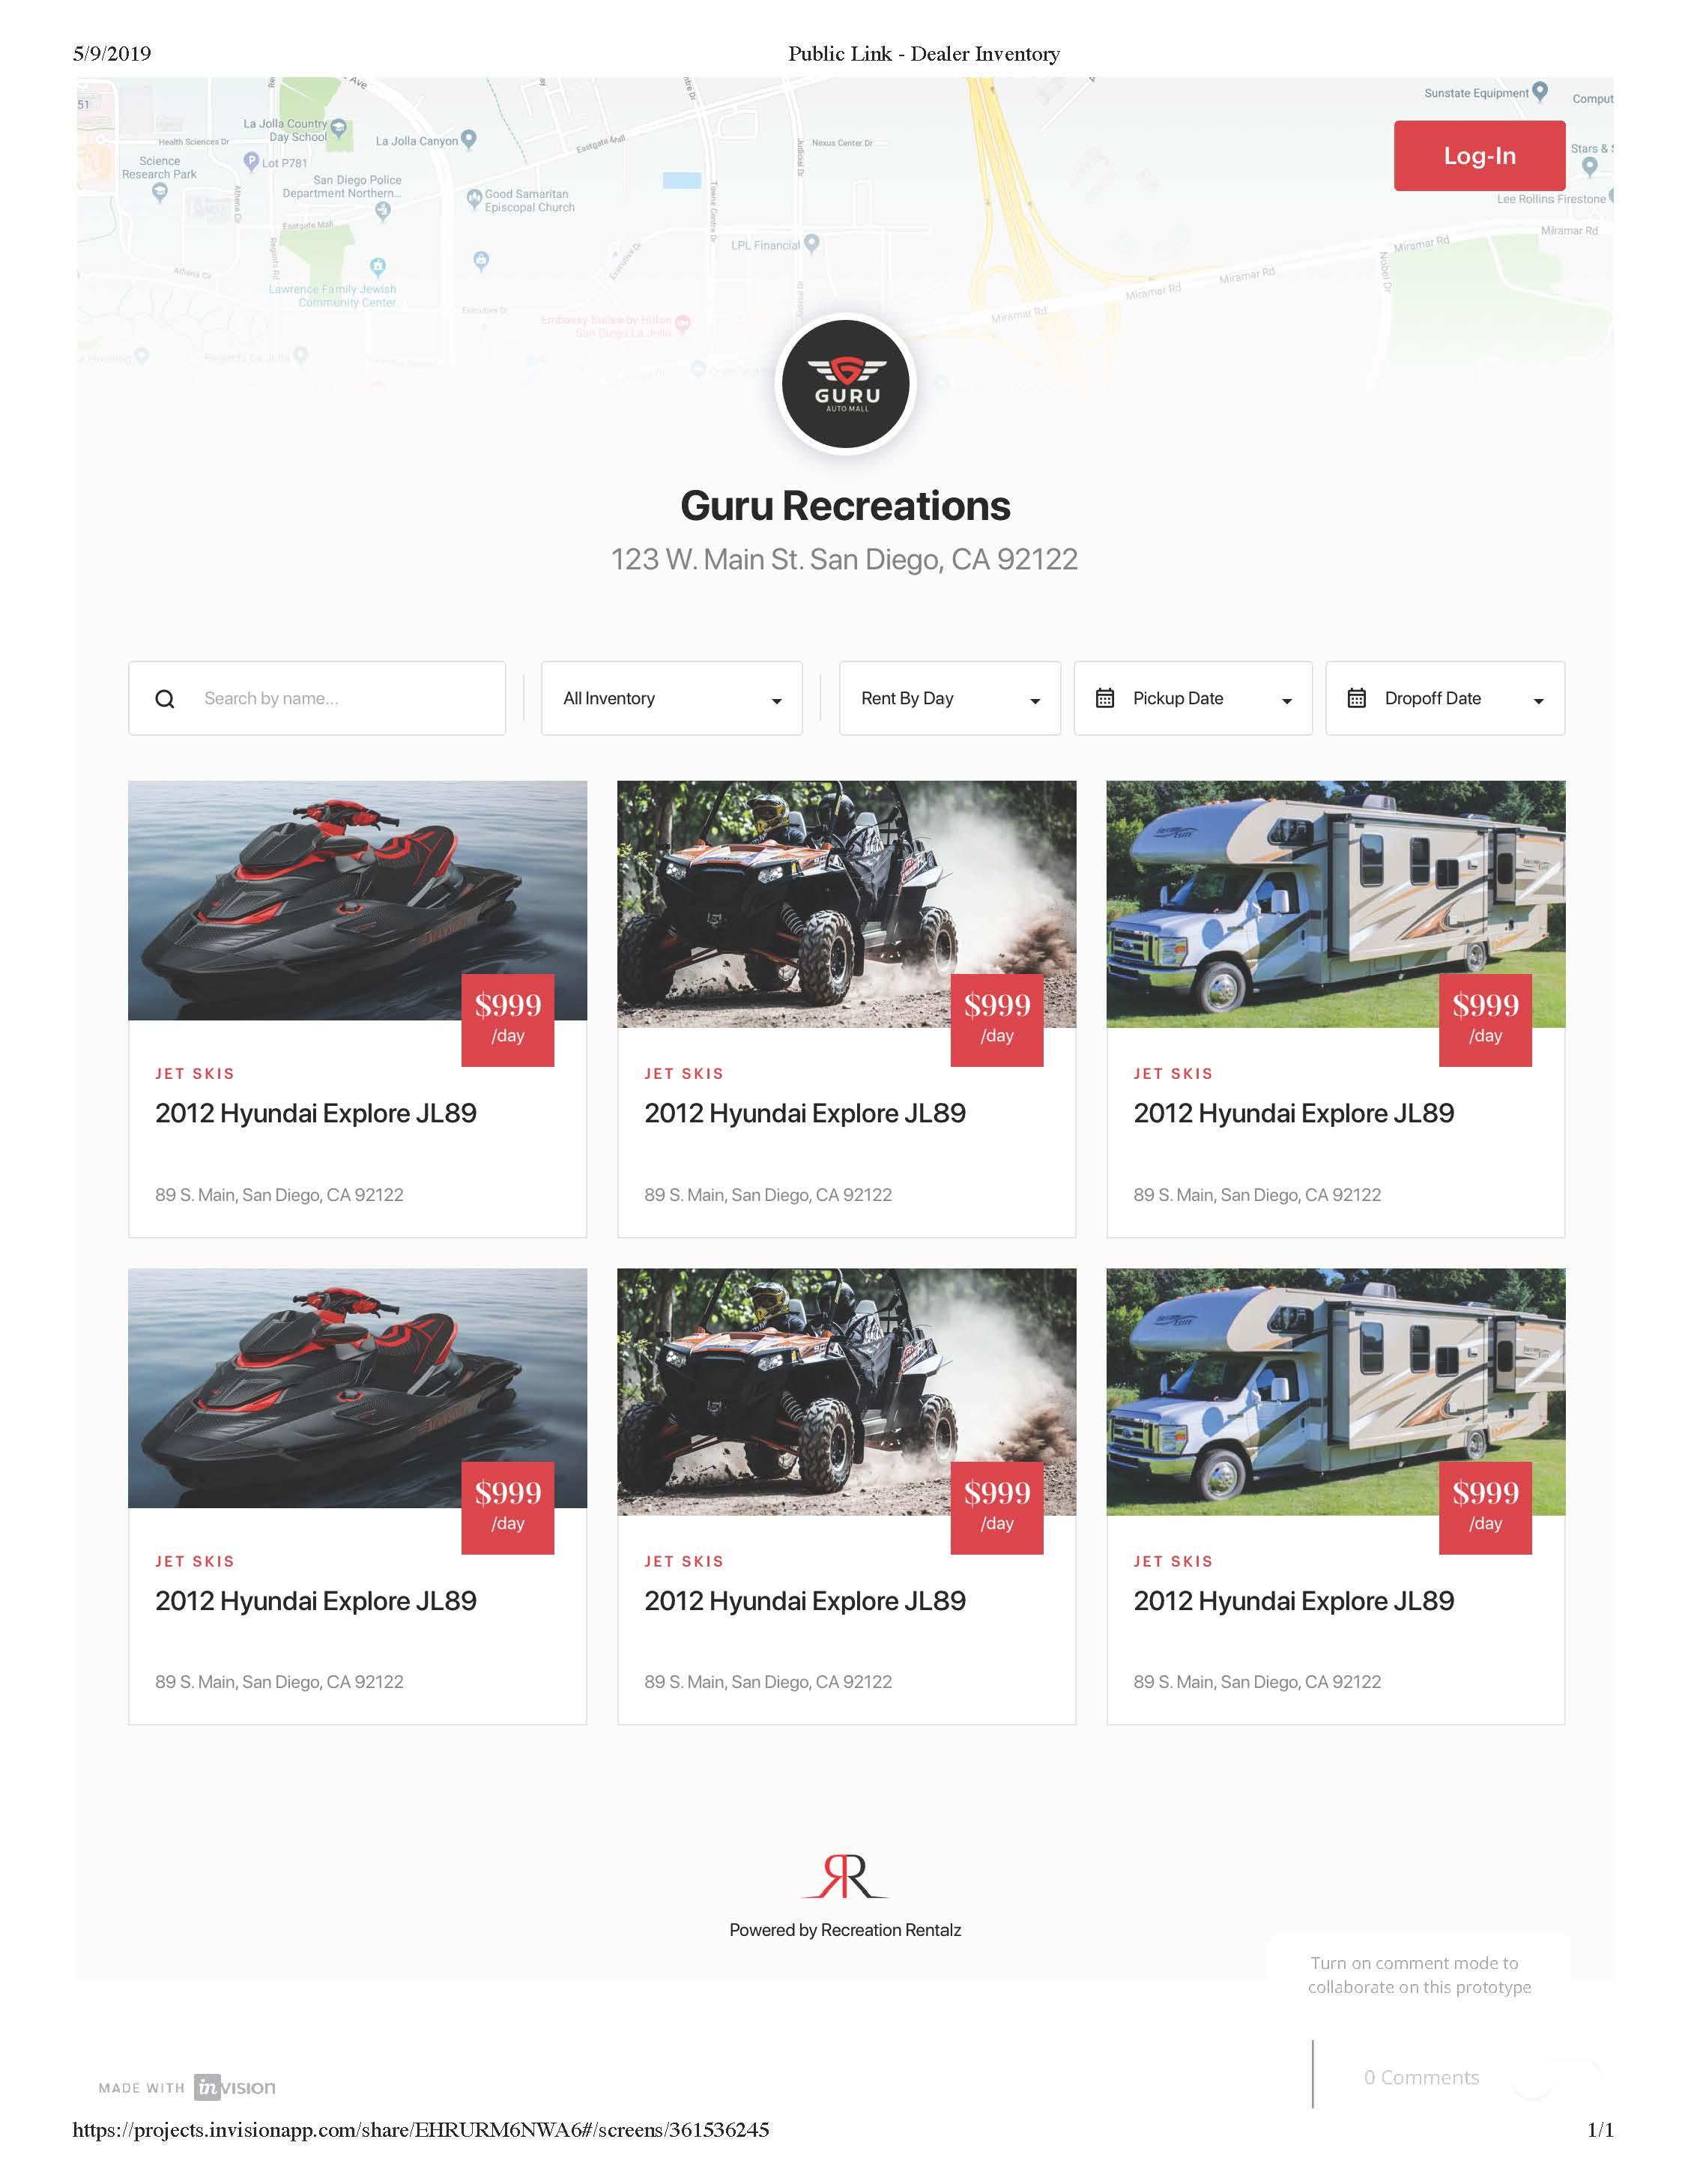 Whitelabel Landing Page.jpg